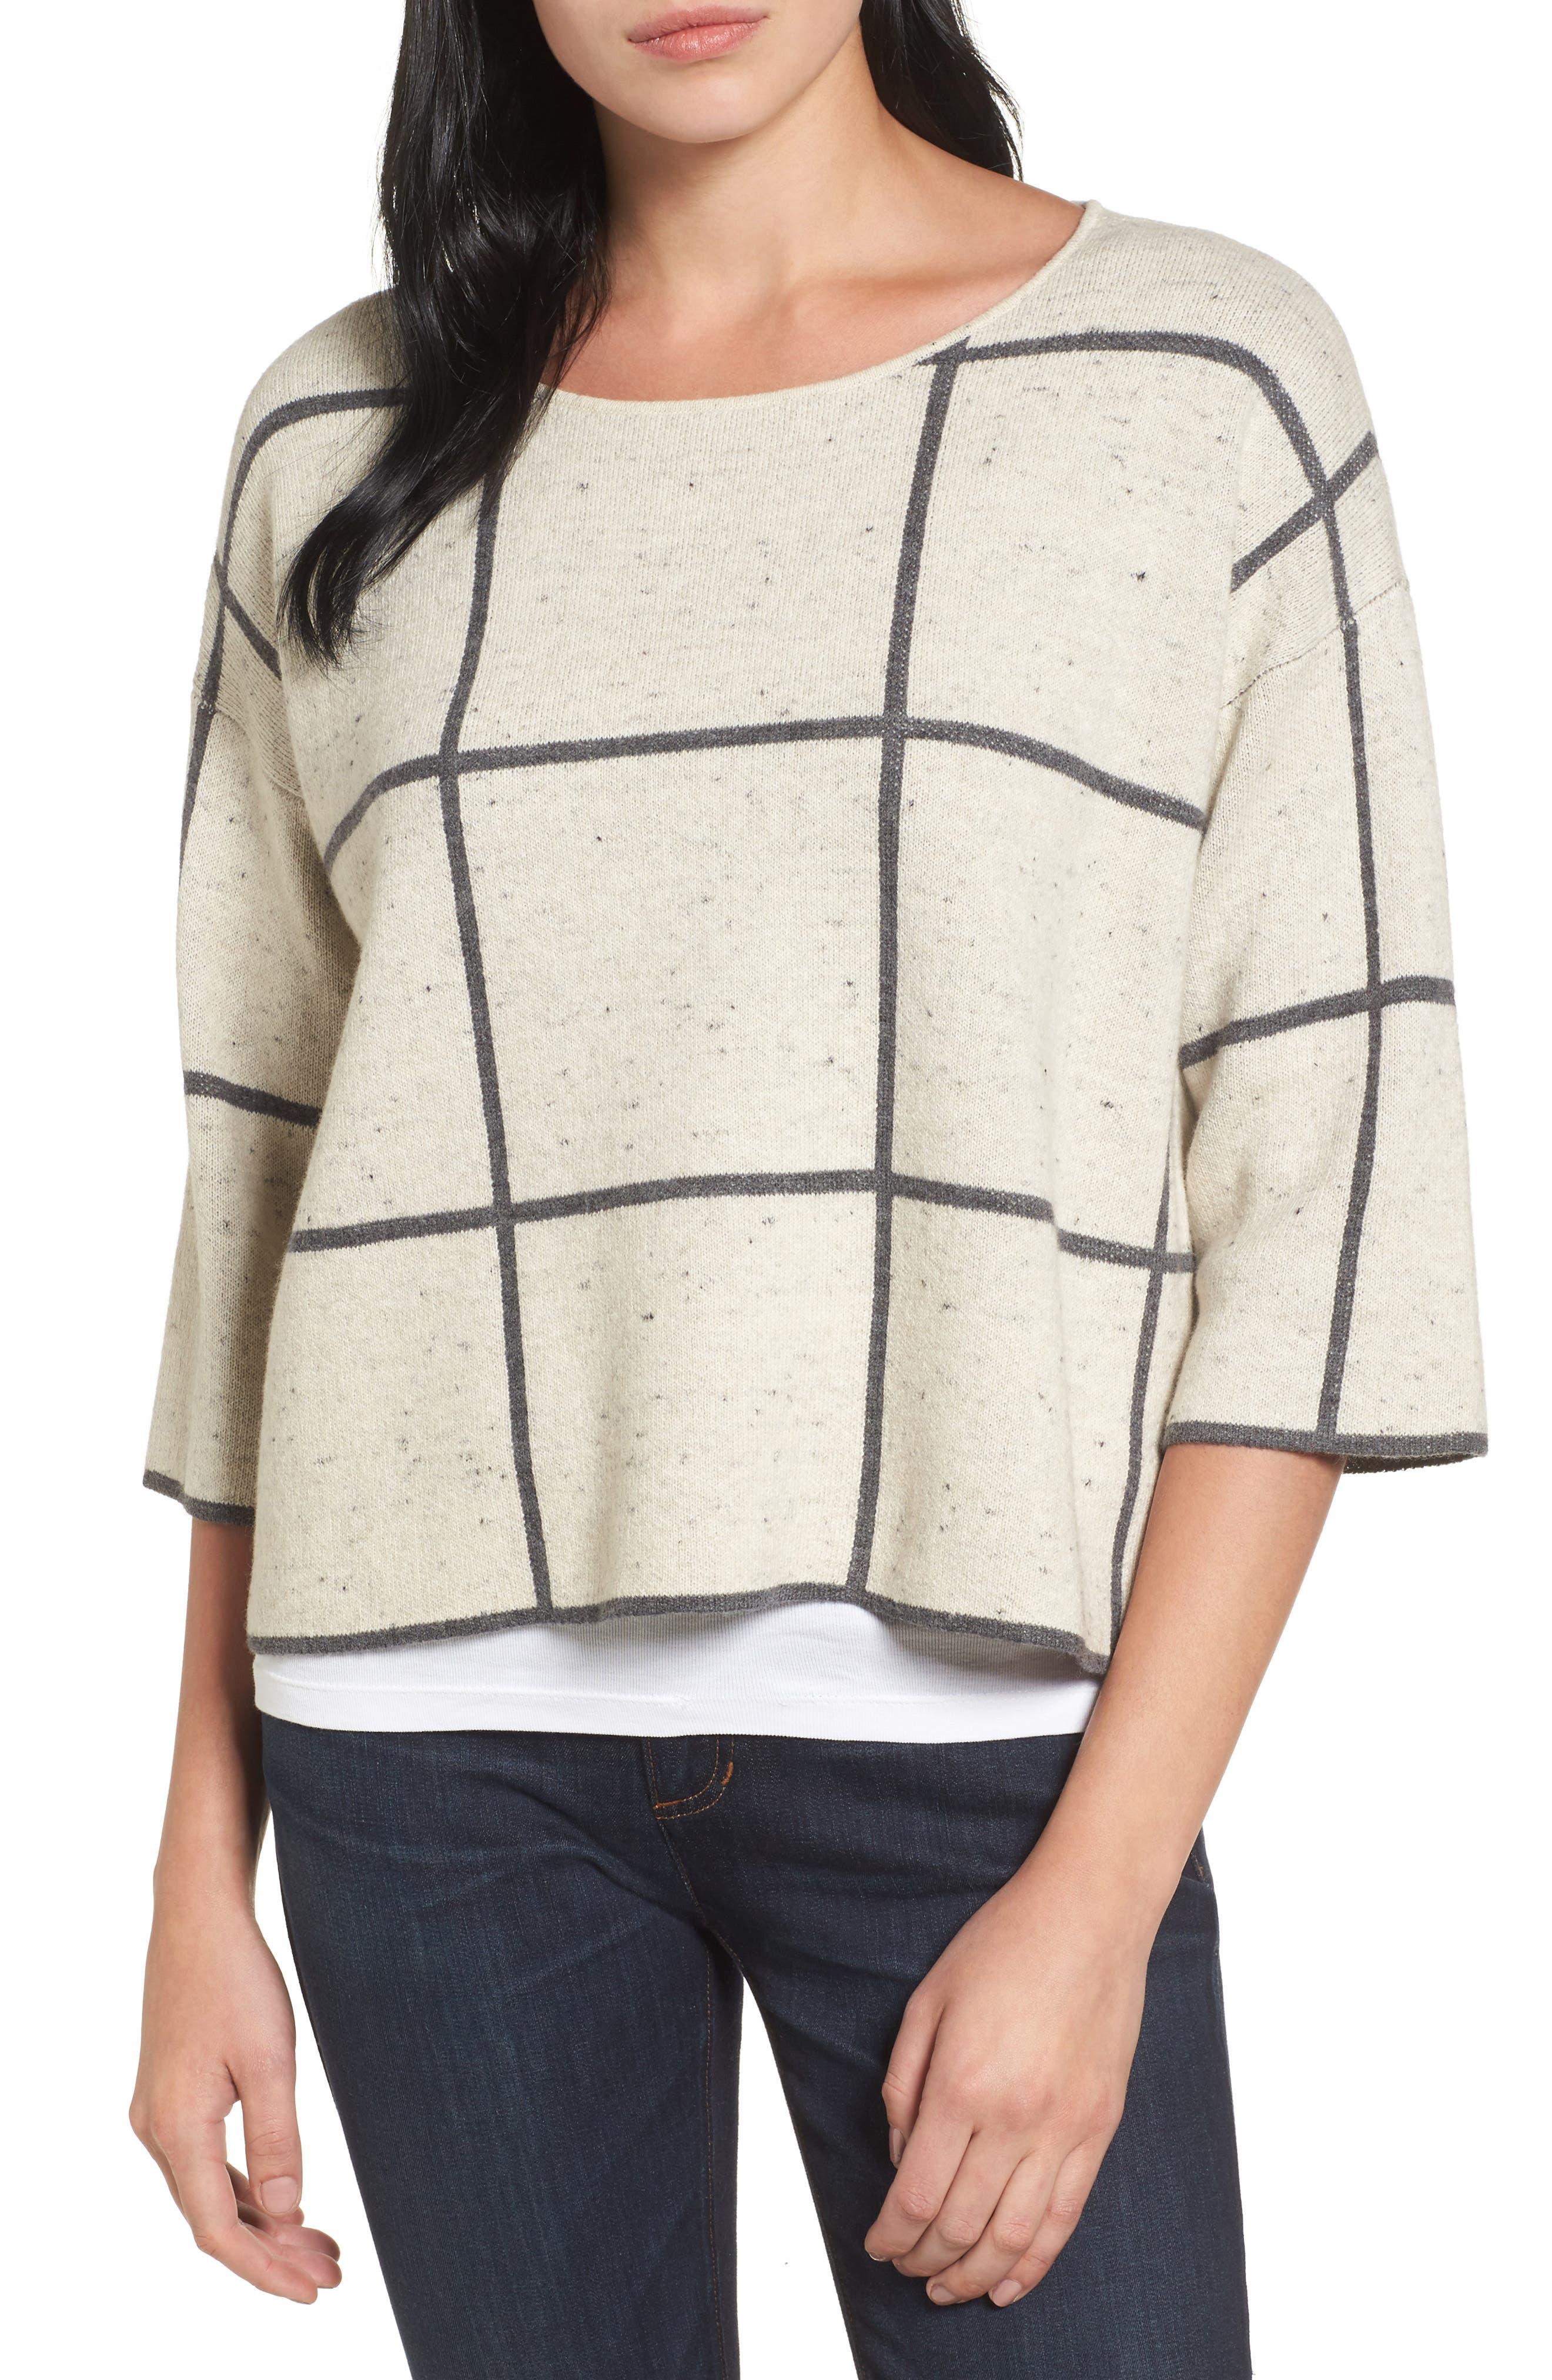 Main Image - Eileen Fisher Windowpane Check Boxy Sweater